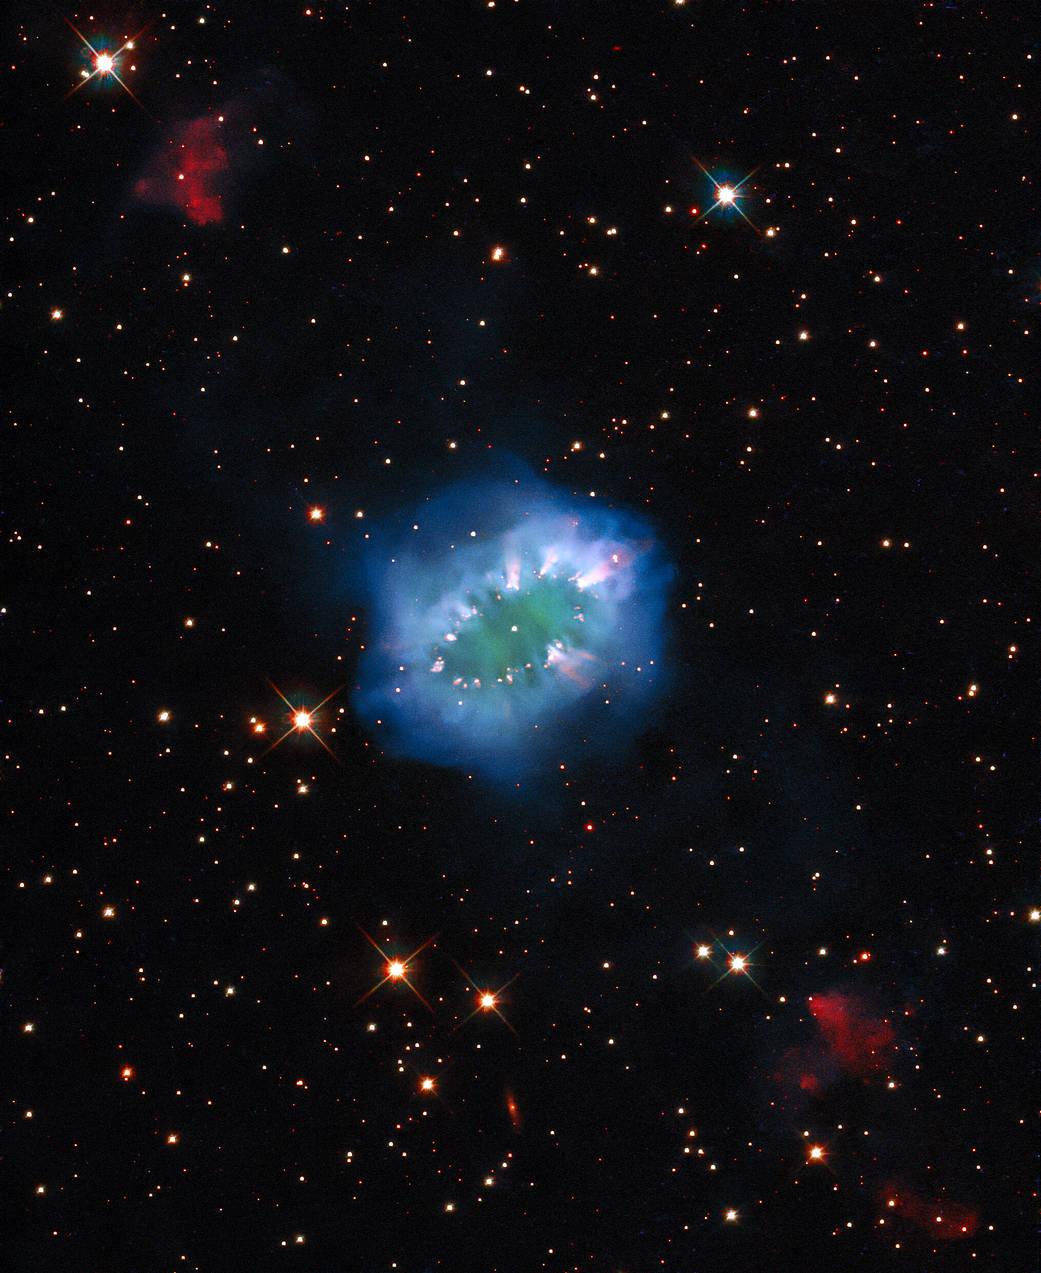 Náhrdelníková mlhovina je výsledkem interakce dvou hvězd, které se k sobě příliš přiblížily